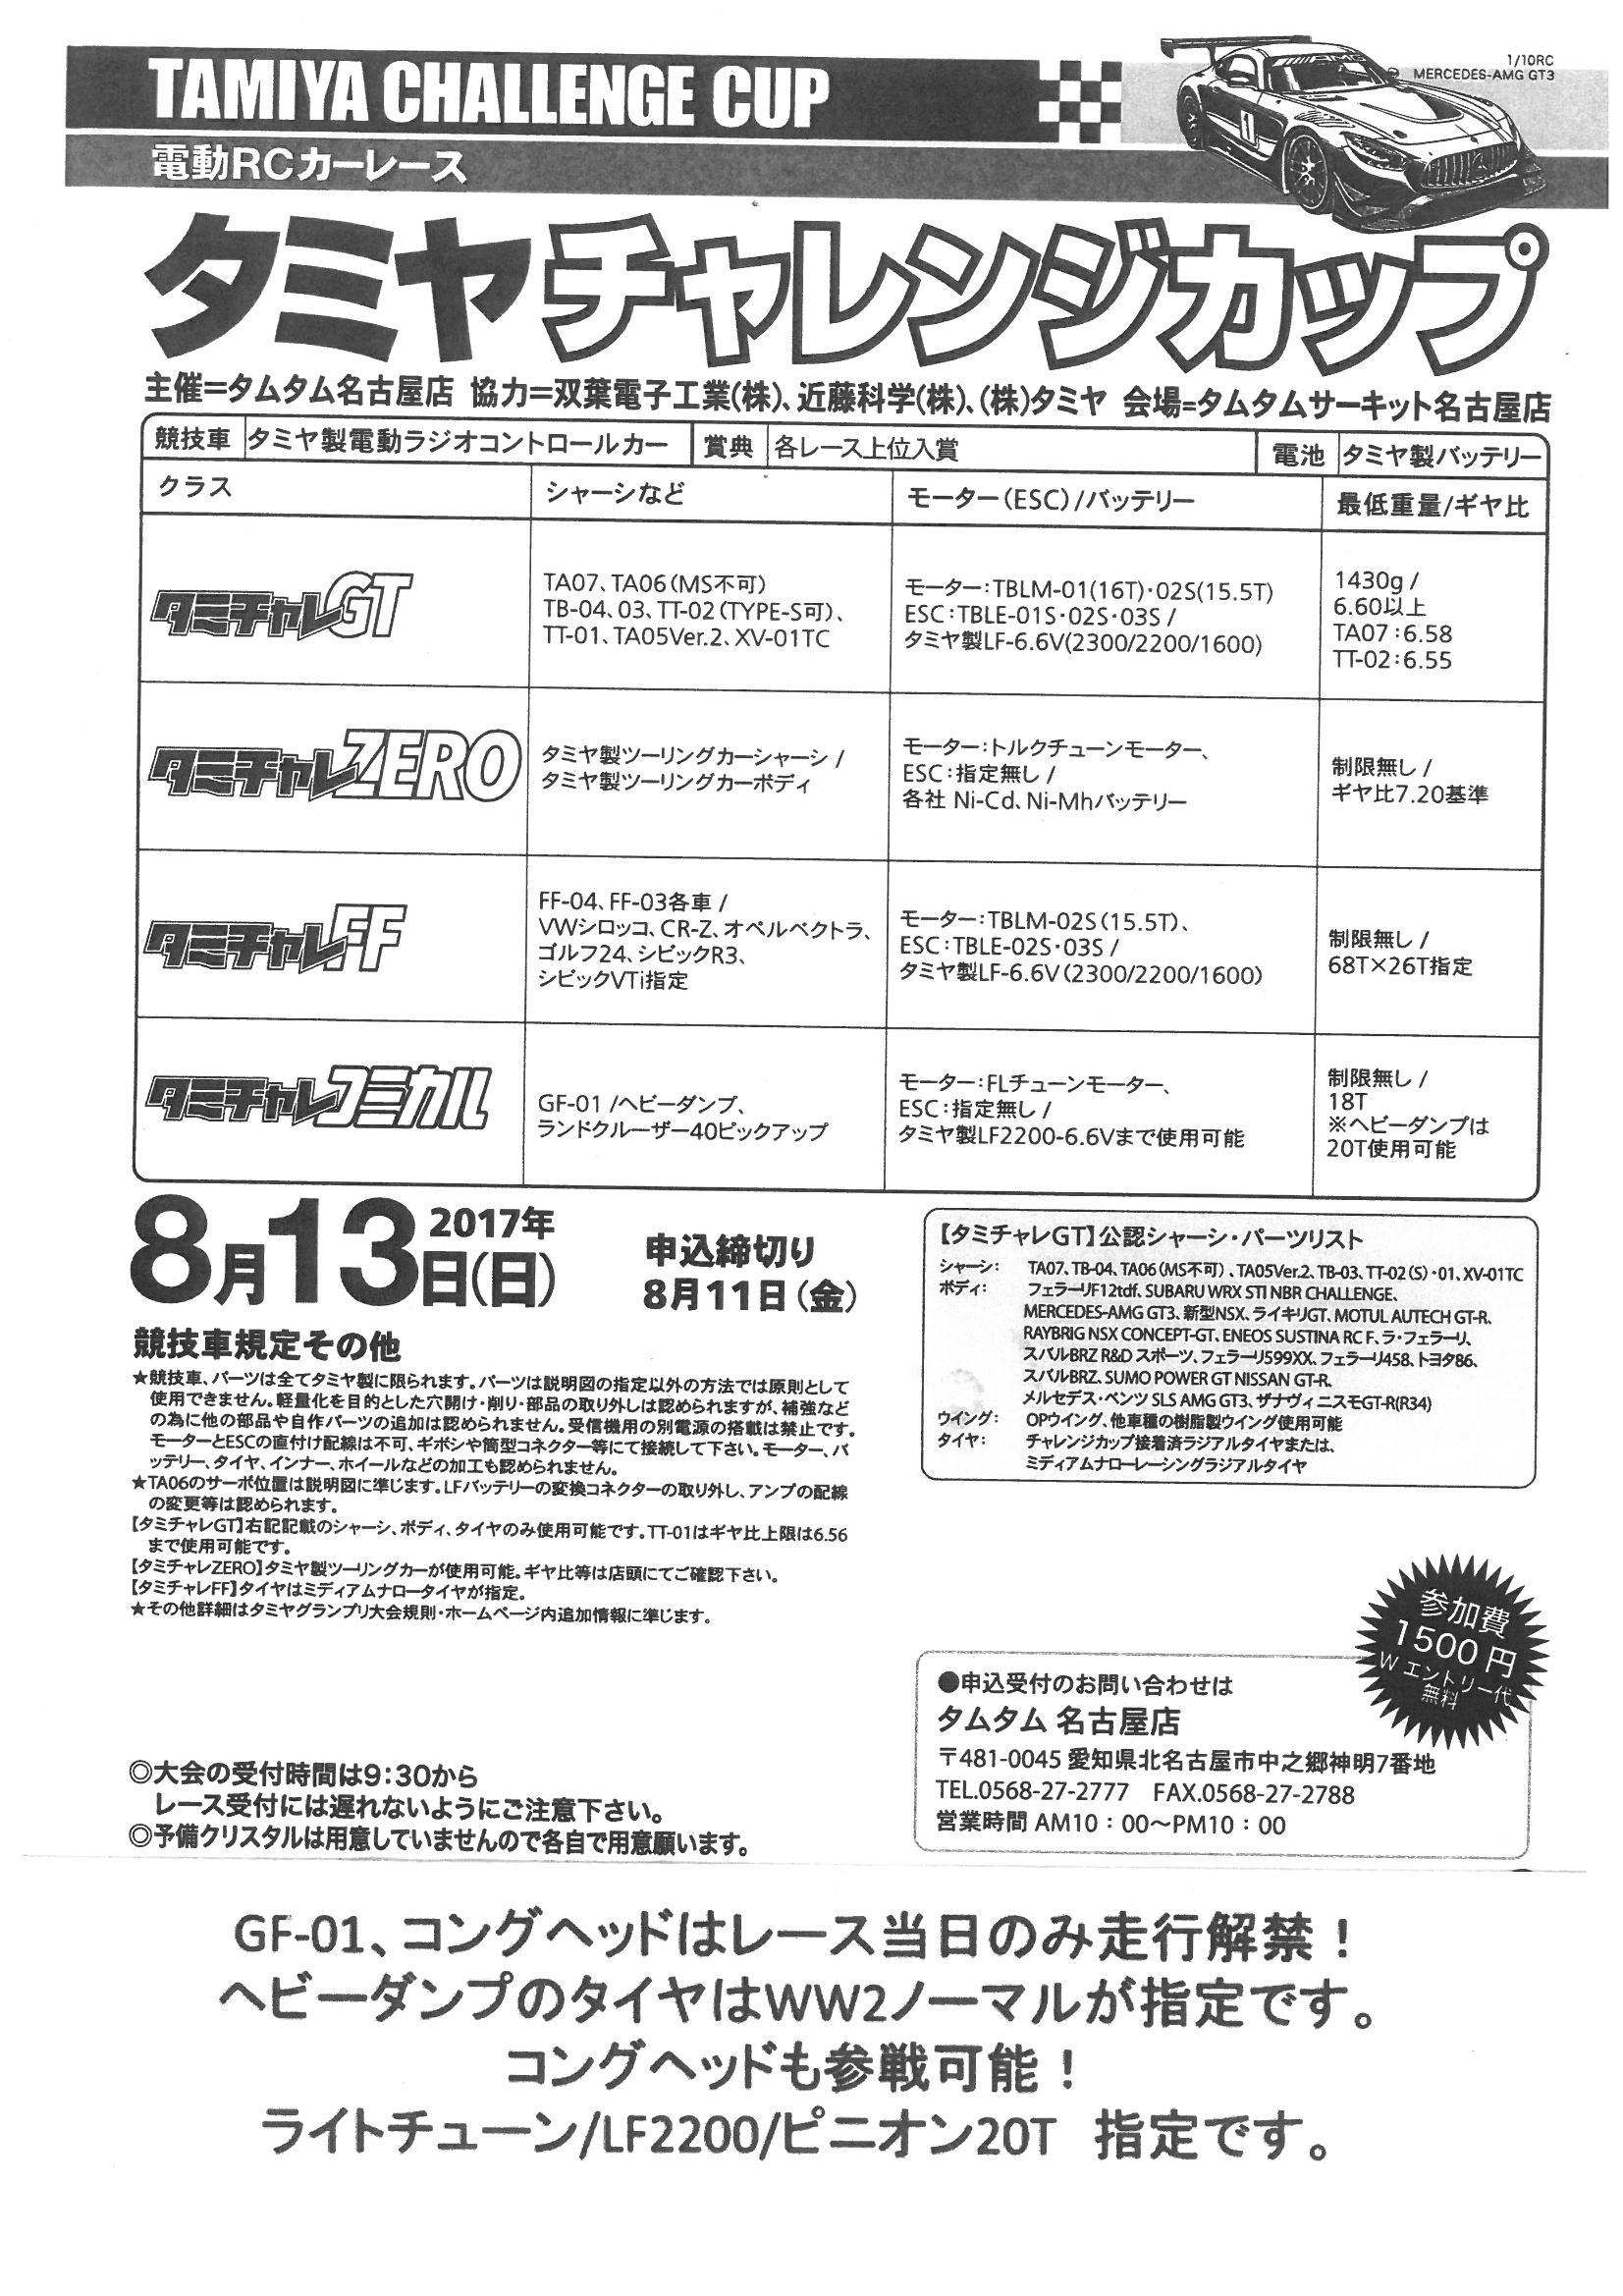 タミヤチャレンジカップ開催のお知らせ!